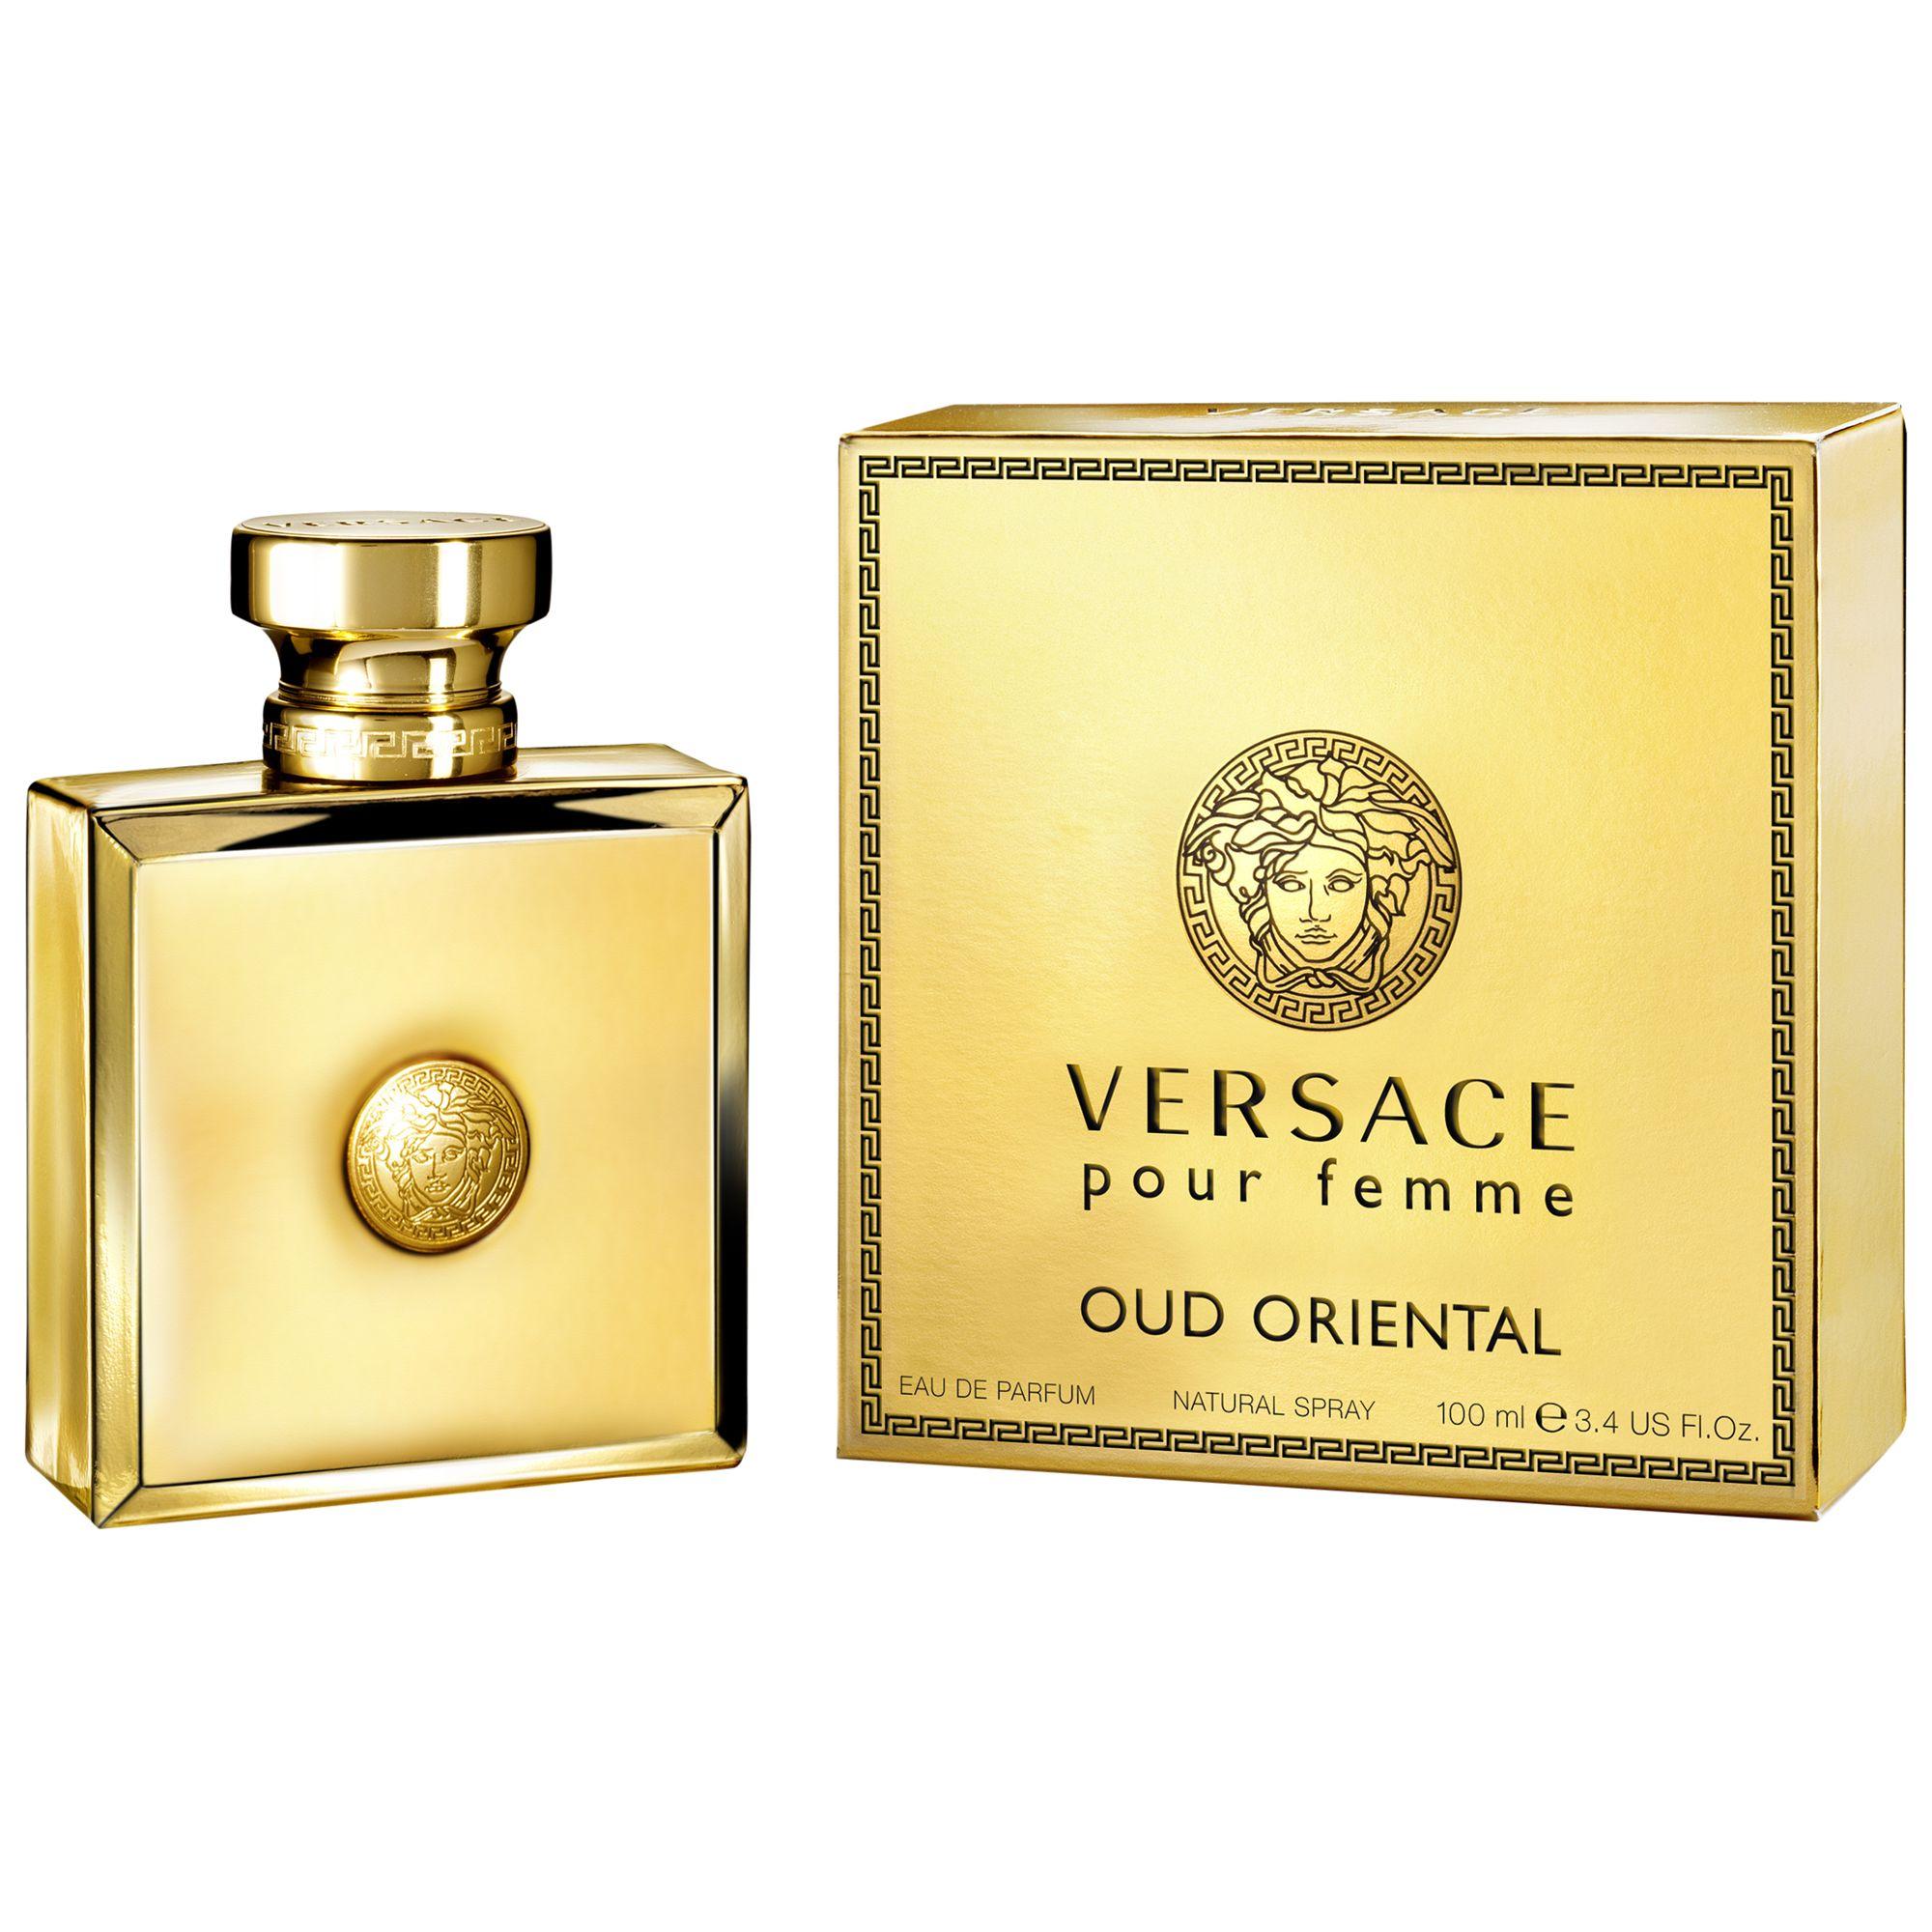 Eau Parfum100ml Femme Versace Oriental De Pour Oud LMUGqVjzSp